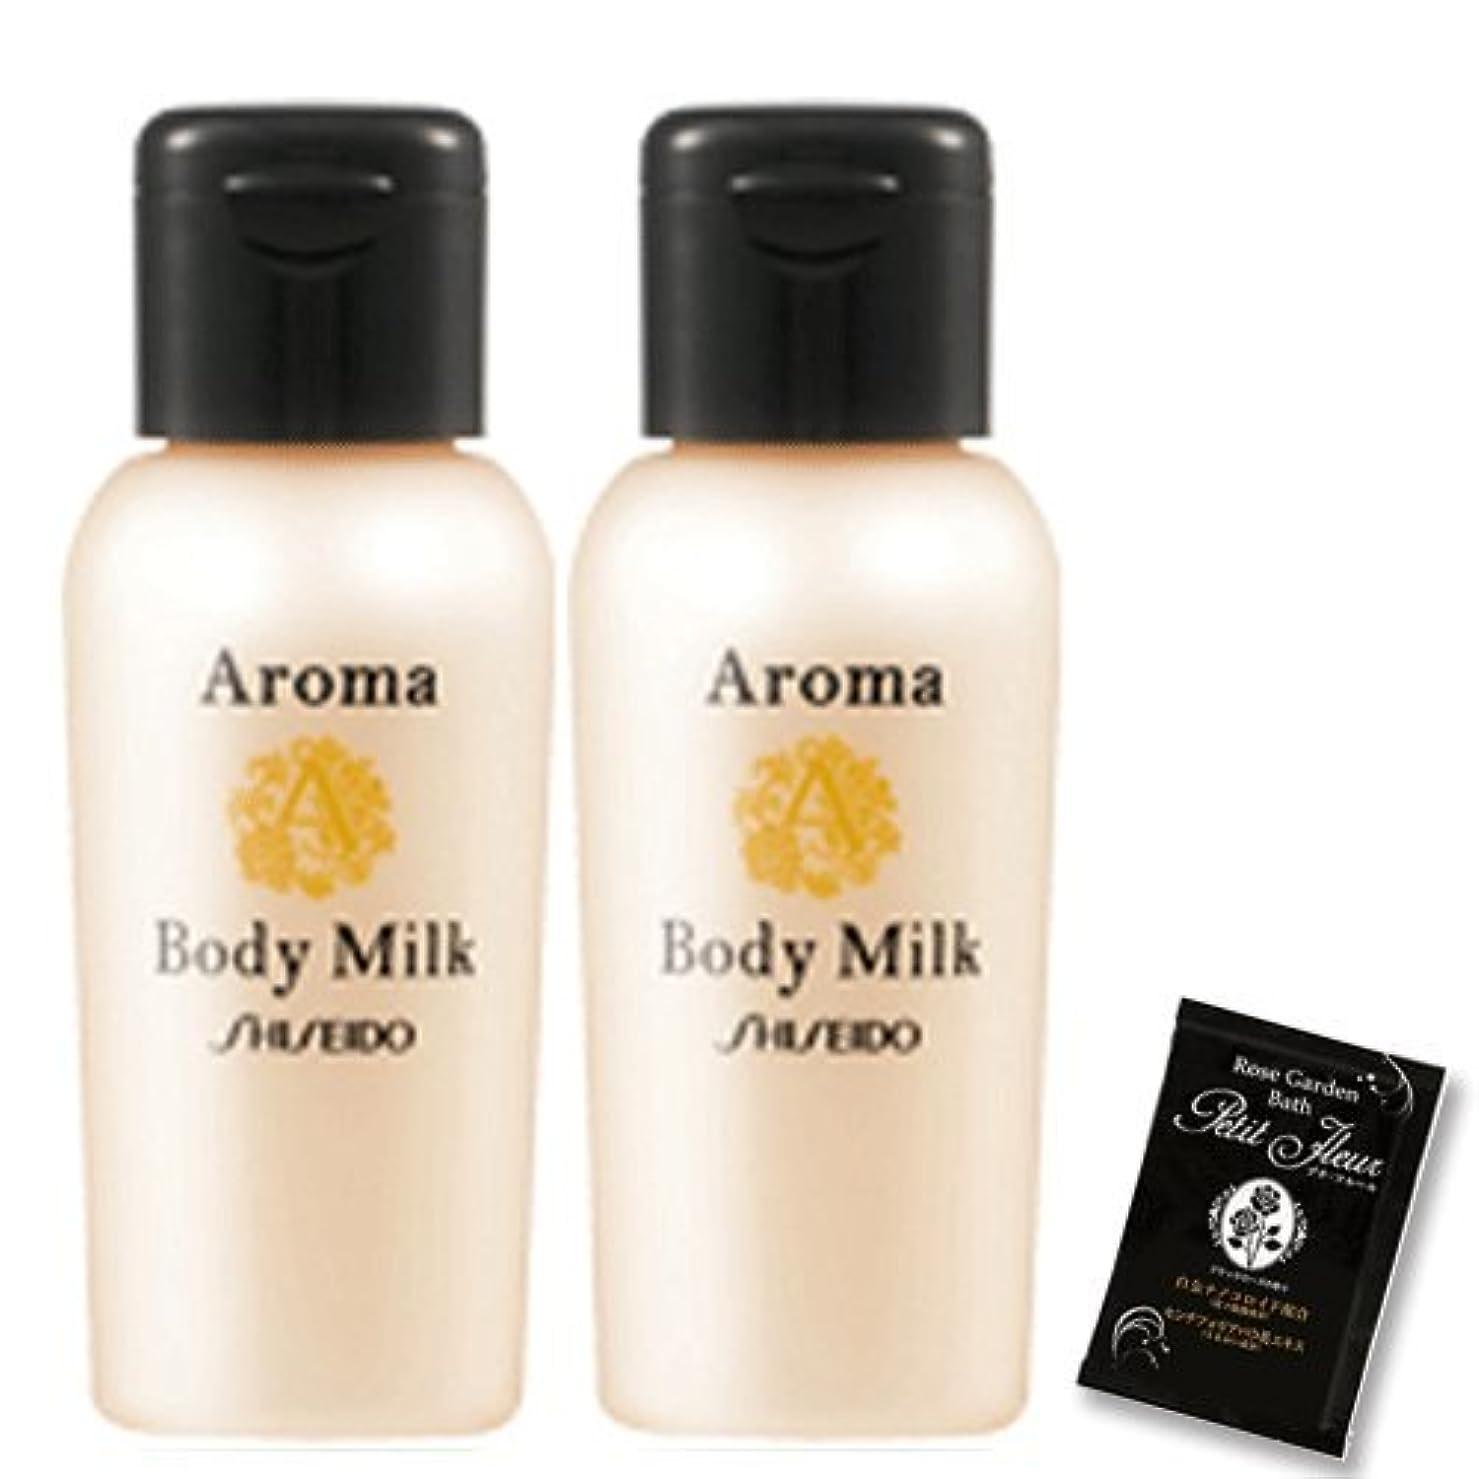 圧縮するフルーツ活発資生堂 ジアメニティ アロマミルク 30ml ミニボトル 2本セット + 入浴剤(プチフルール)付き